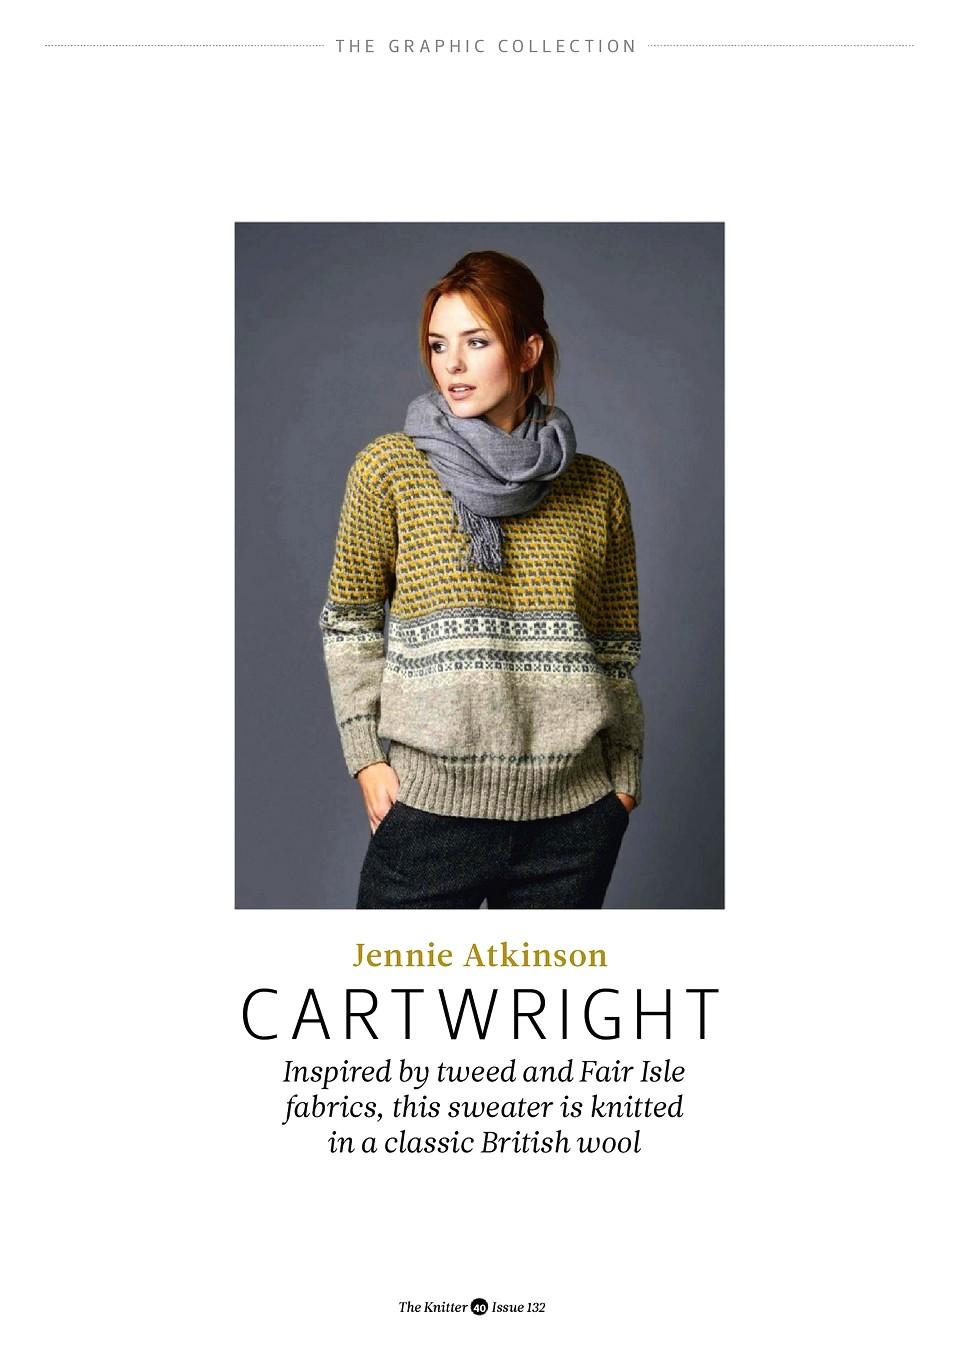 132The-Knitter-041